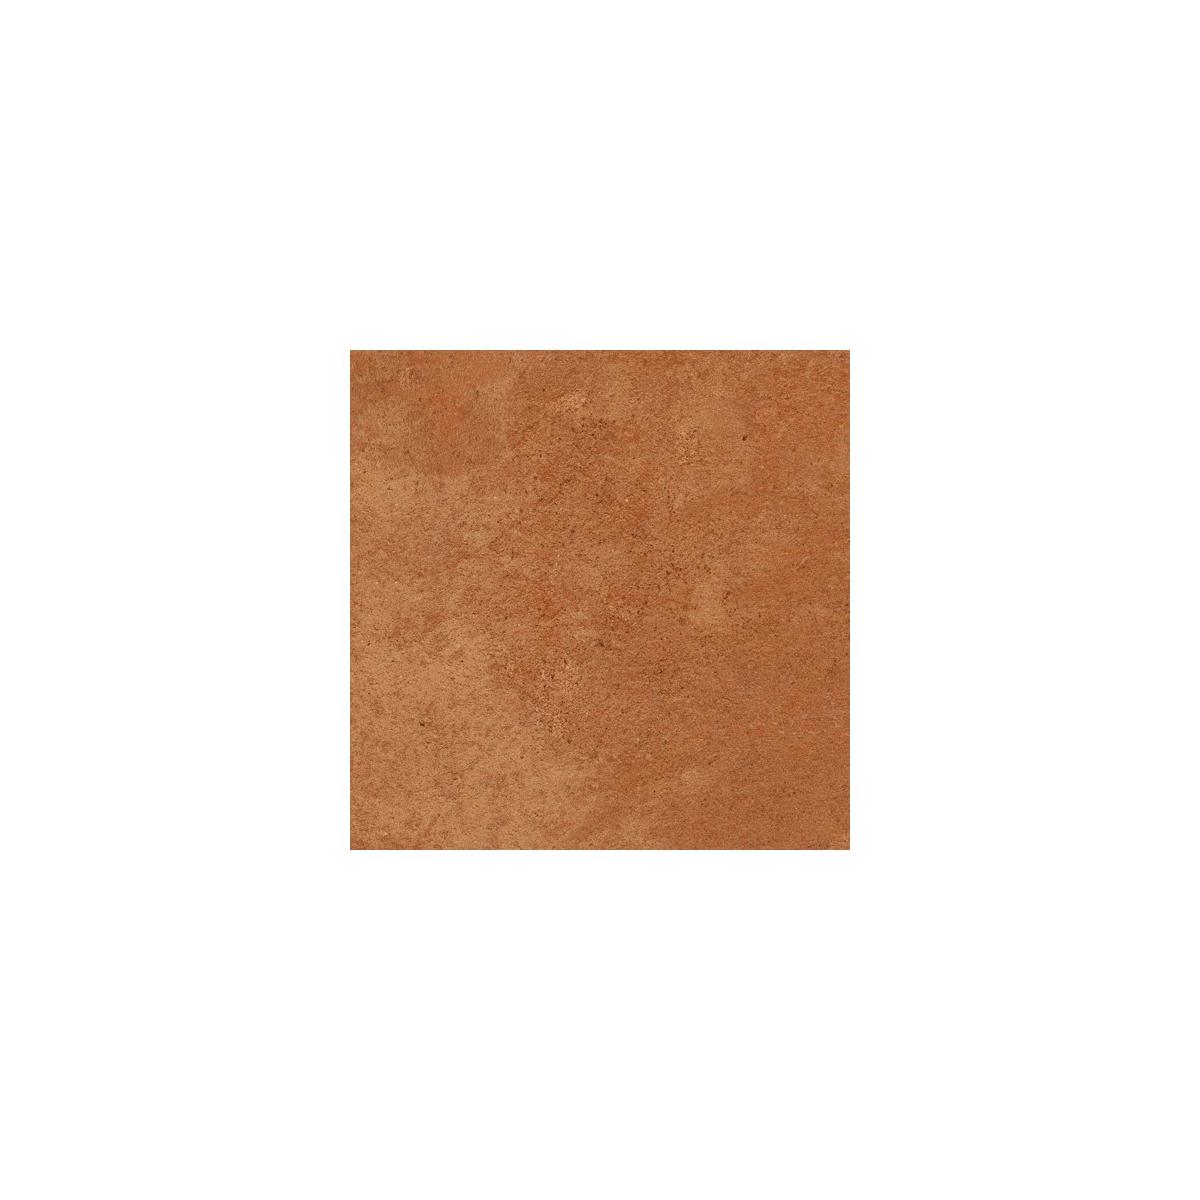 Alarcón Cuero (caja) - Colección Alarcón de Vives - Marca Vives